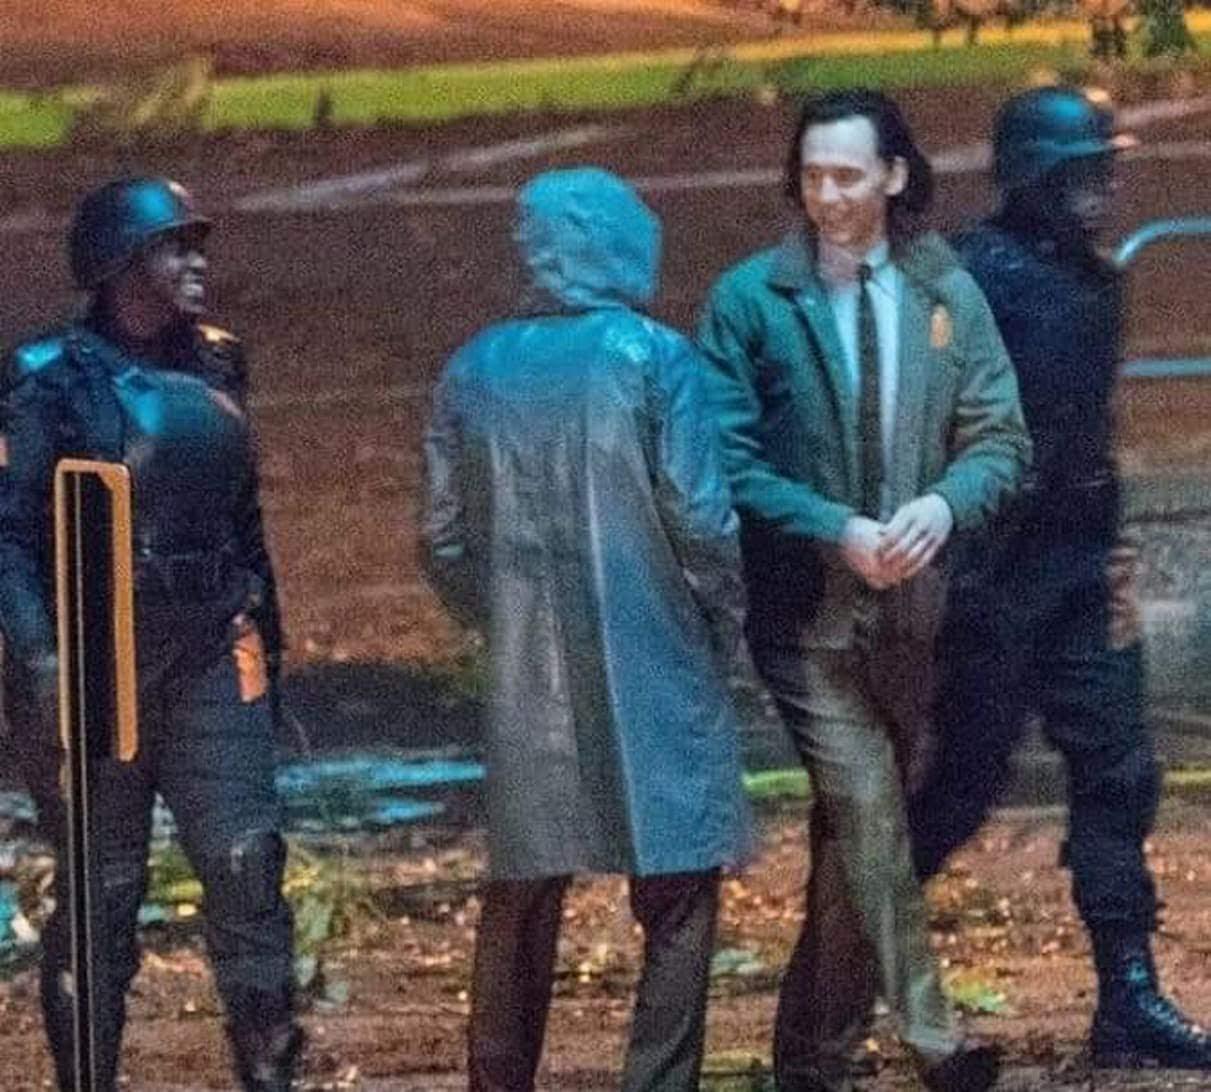 Loki :「アベンジャーズ : エンドゲーム」の物語の世界から逃げ出したロキのその後を描く Disney+ の配信シリーズ「ロキ」の注目の新キャラクターのレディー・ロキが初登場したかもしれないロケのセット・フォト ! !